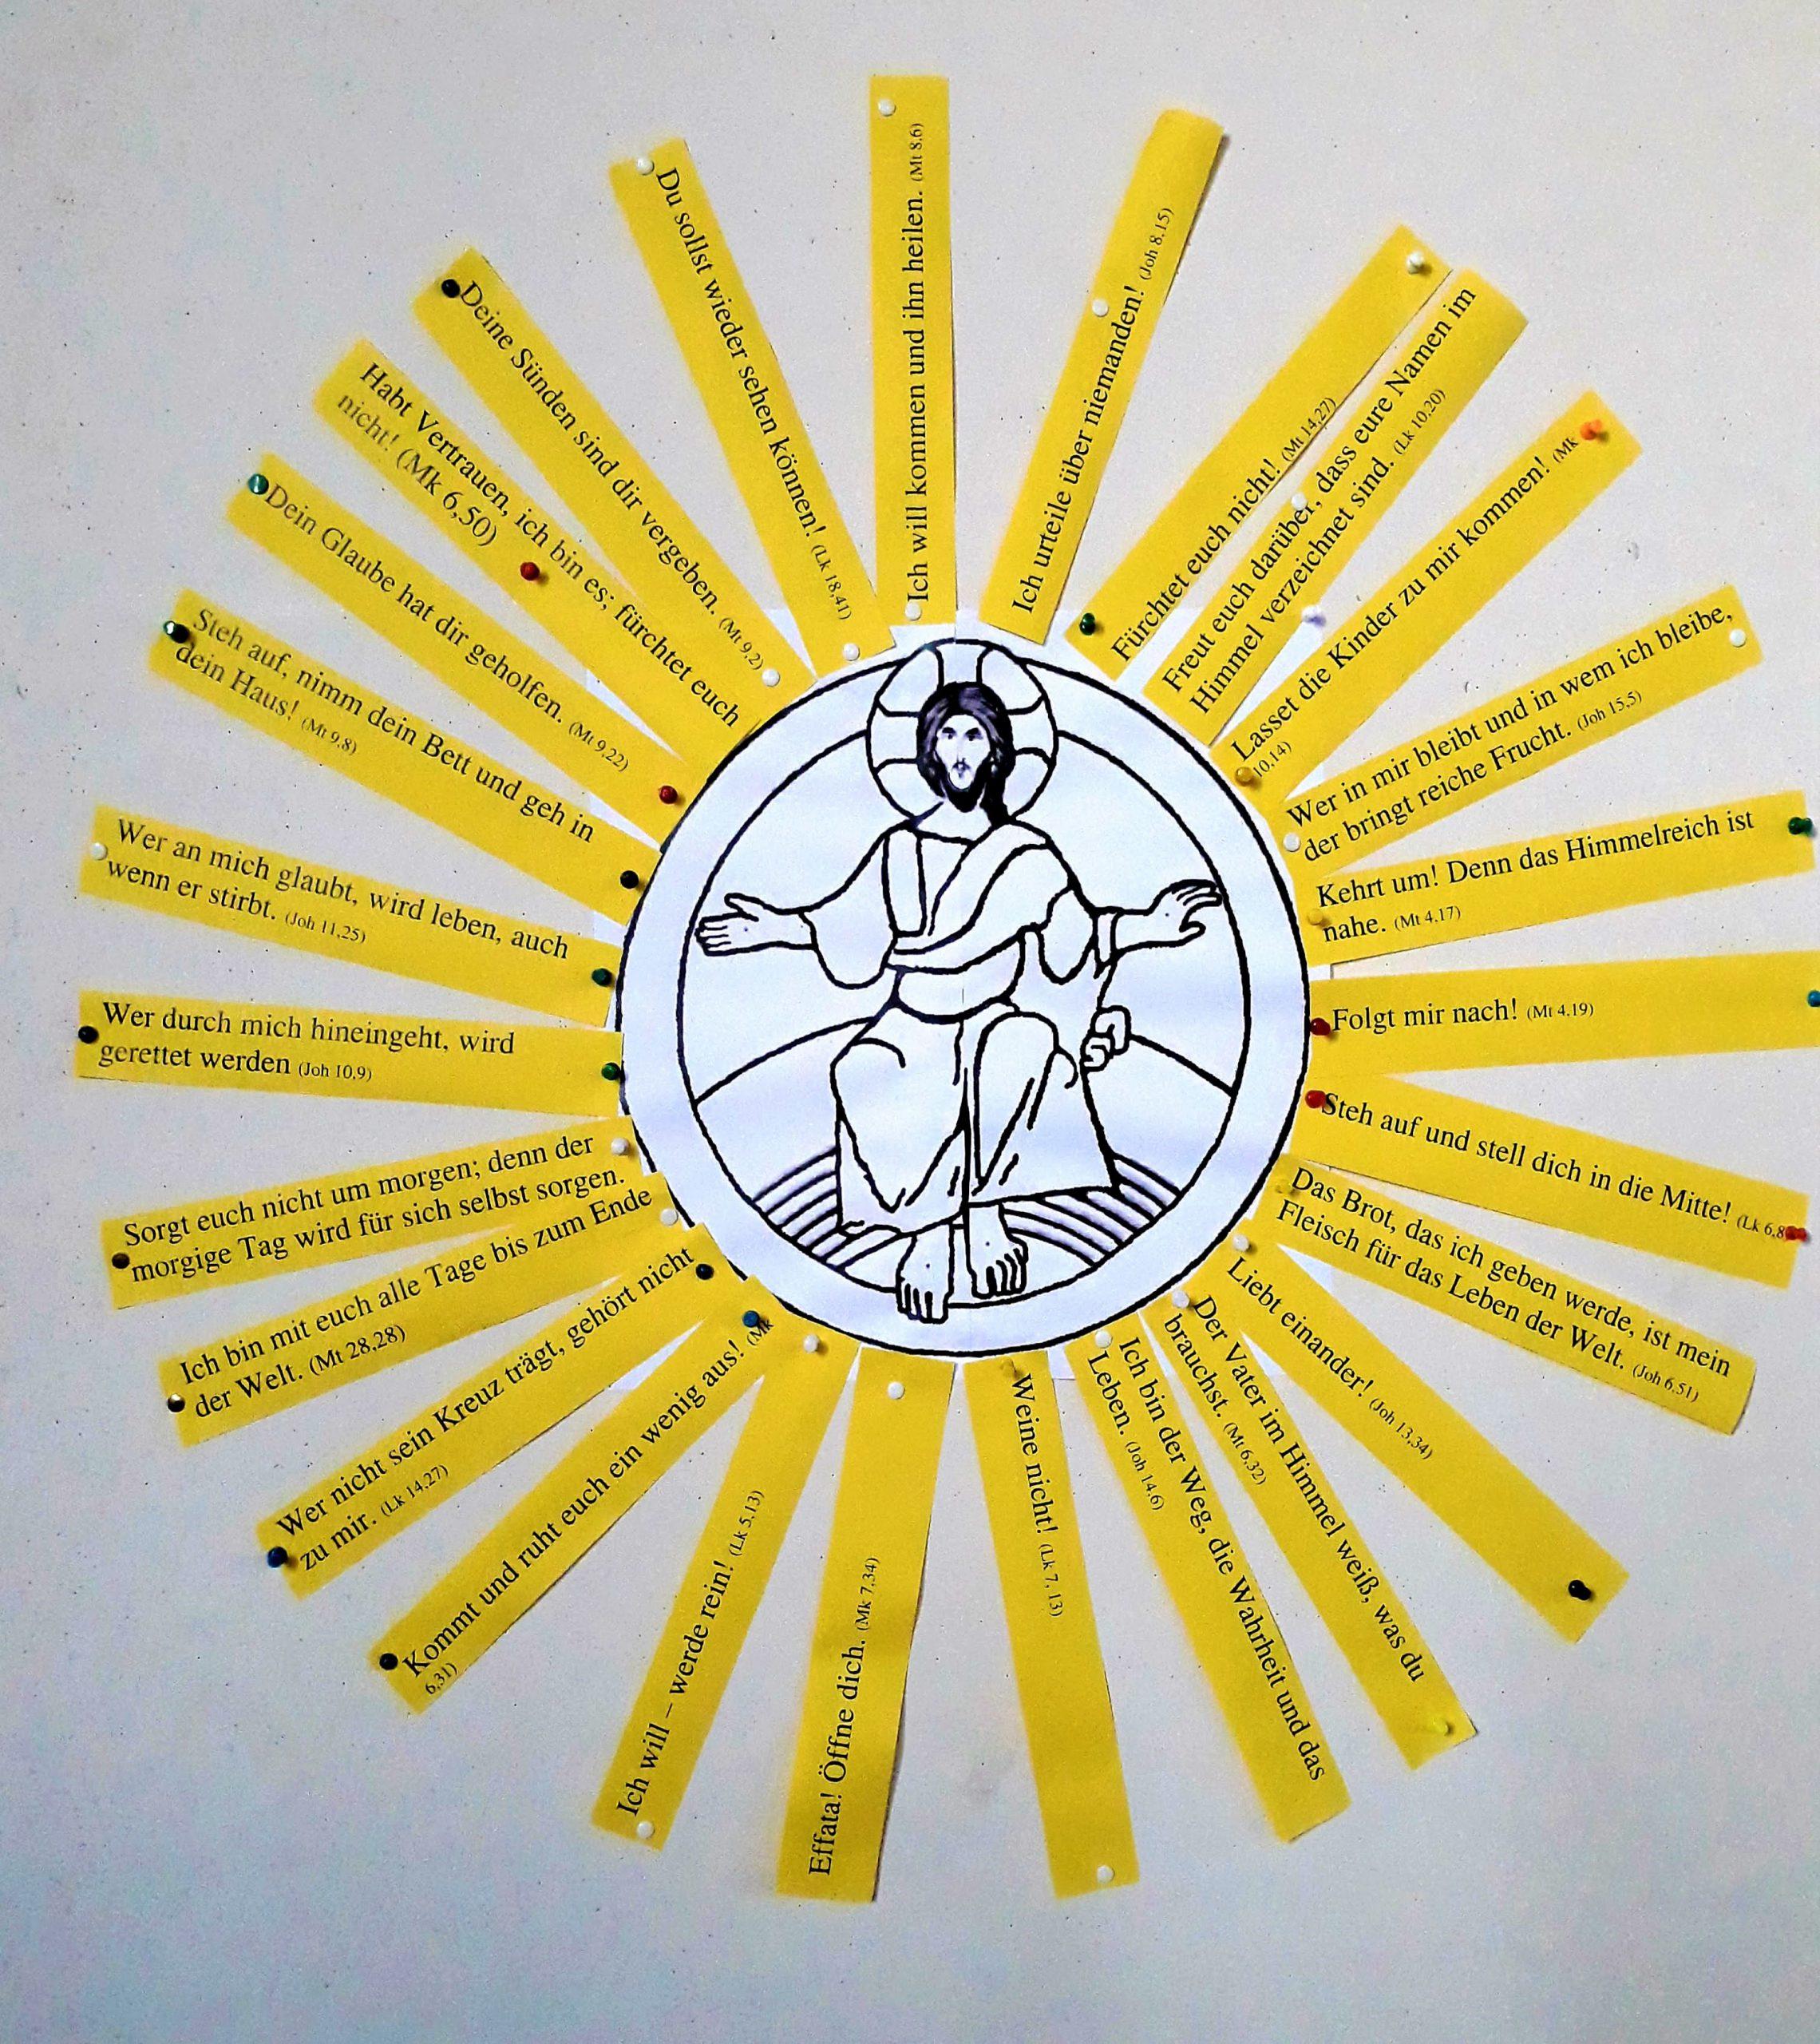 Jesus ist das Licht der Welt, Familiengottesdienst am Fest der Verklärung in Bad Kohlgrub im Frühling 2020; Foto: Tatjana Hämmerle